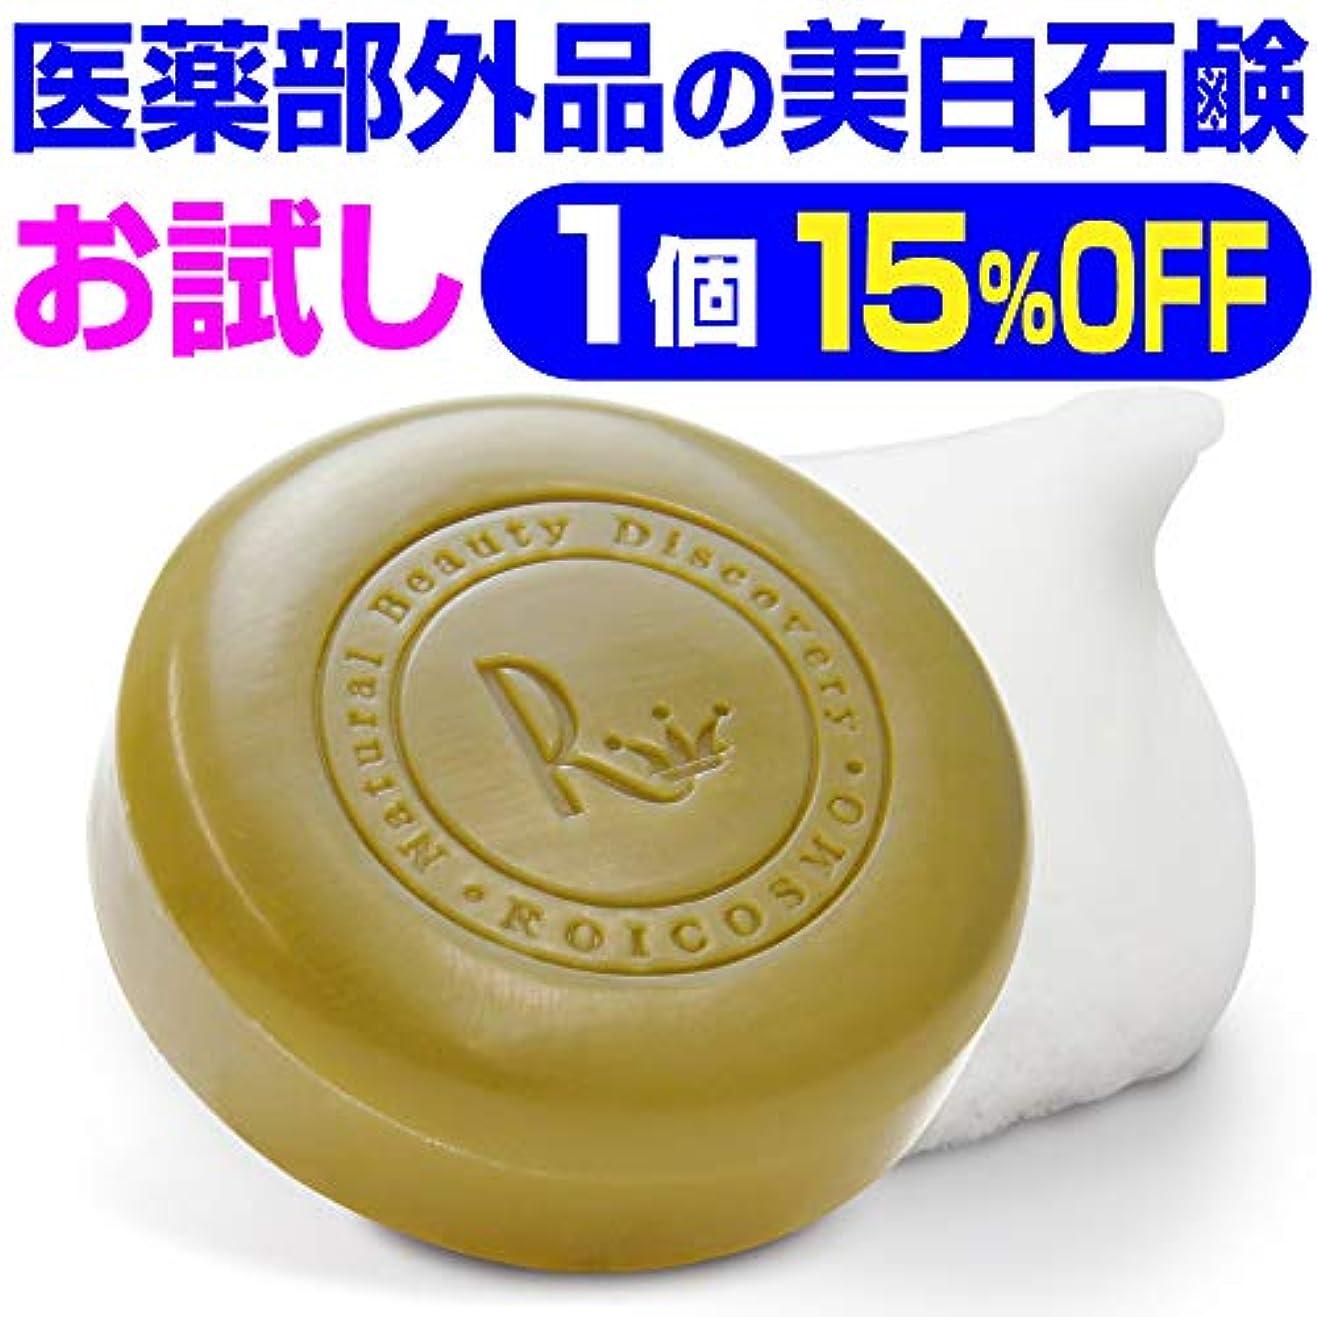 実装する鰐わがままお試し15%OFF ビタミンC270倍の美白成分配合の 洗顔石鹸 固形『ホワイトソープ100g×1個』(初回限定)